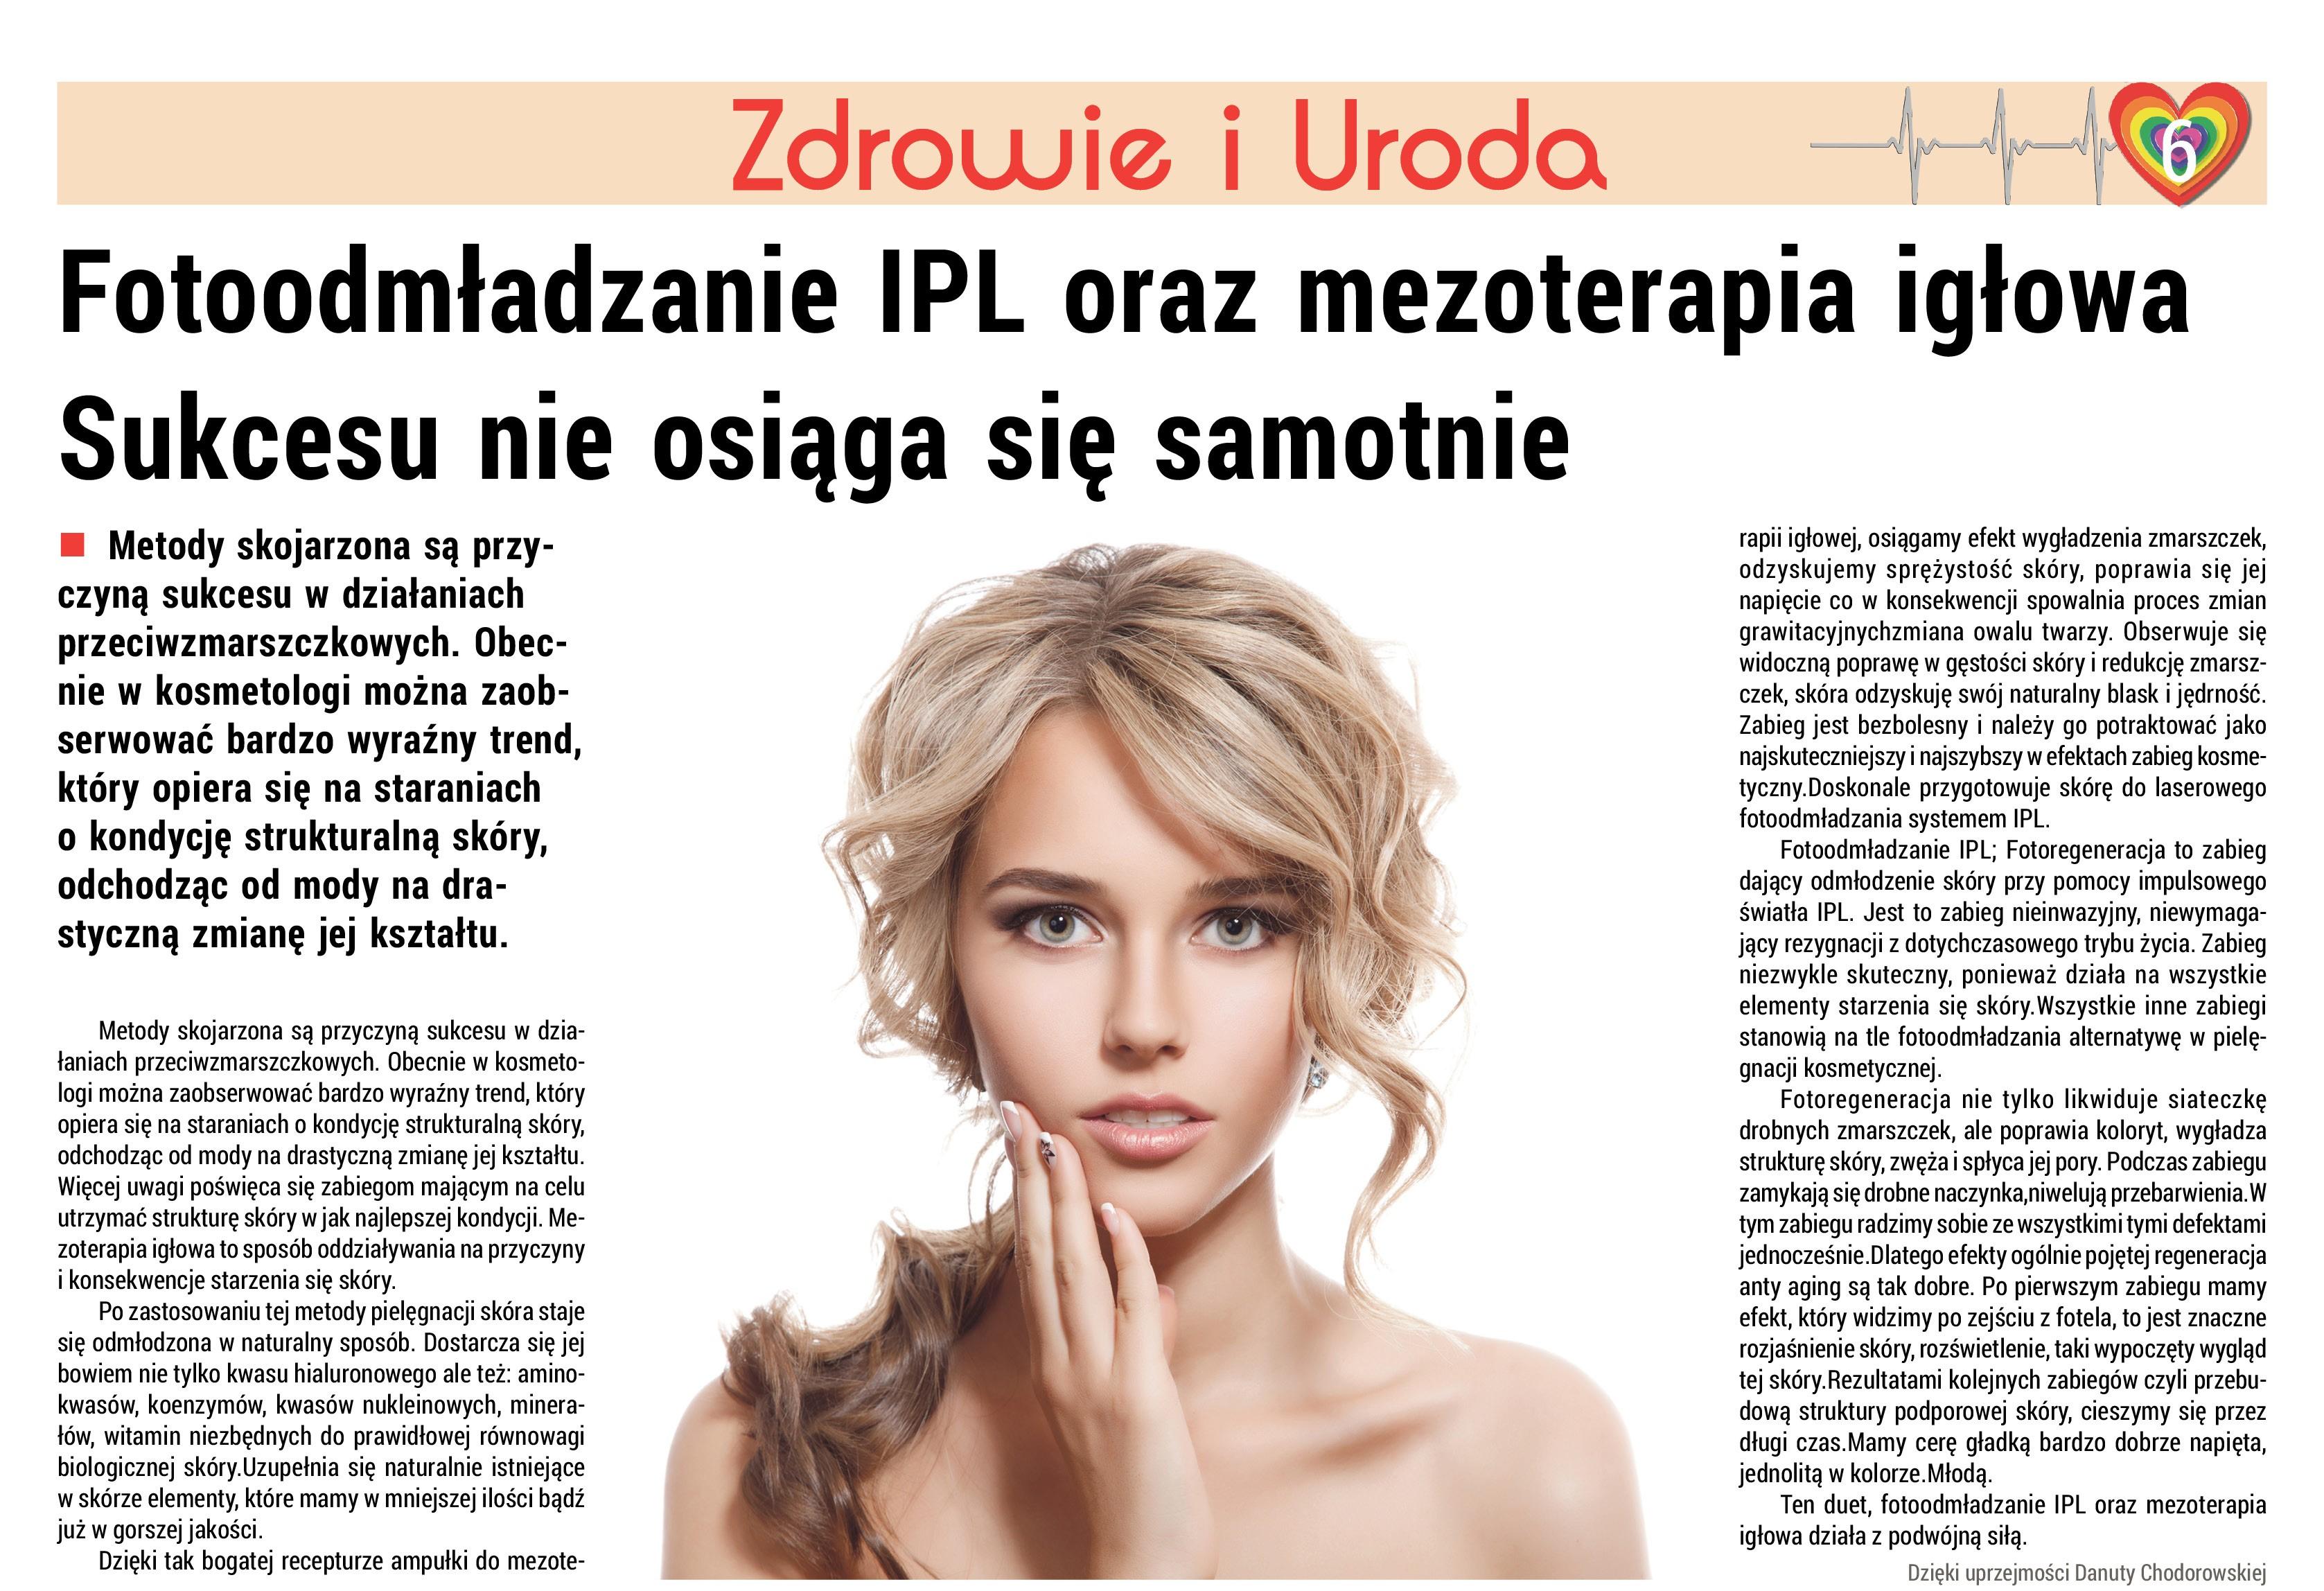 www-kosmetyka-olkusz-pl-depilacja-laserowa-fotoodmladzanie-ipl-fotoregeneracja-ipl-zamykanie-naczynek-laserowe-kosmetyczki-olkusz-gabinet-kosmetyczny-olkus